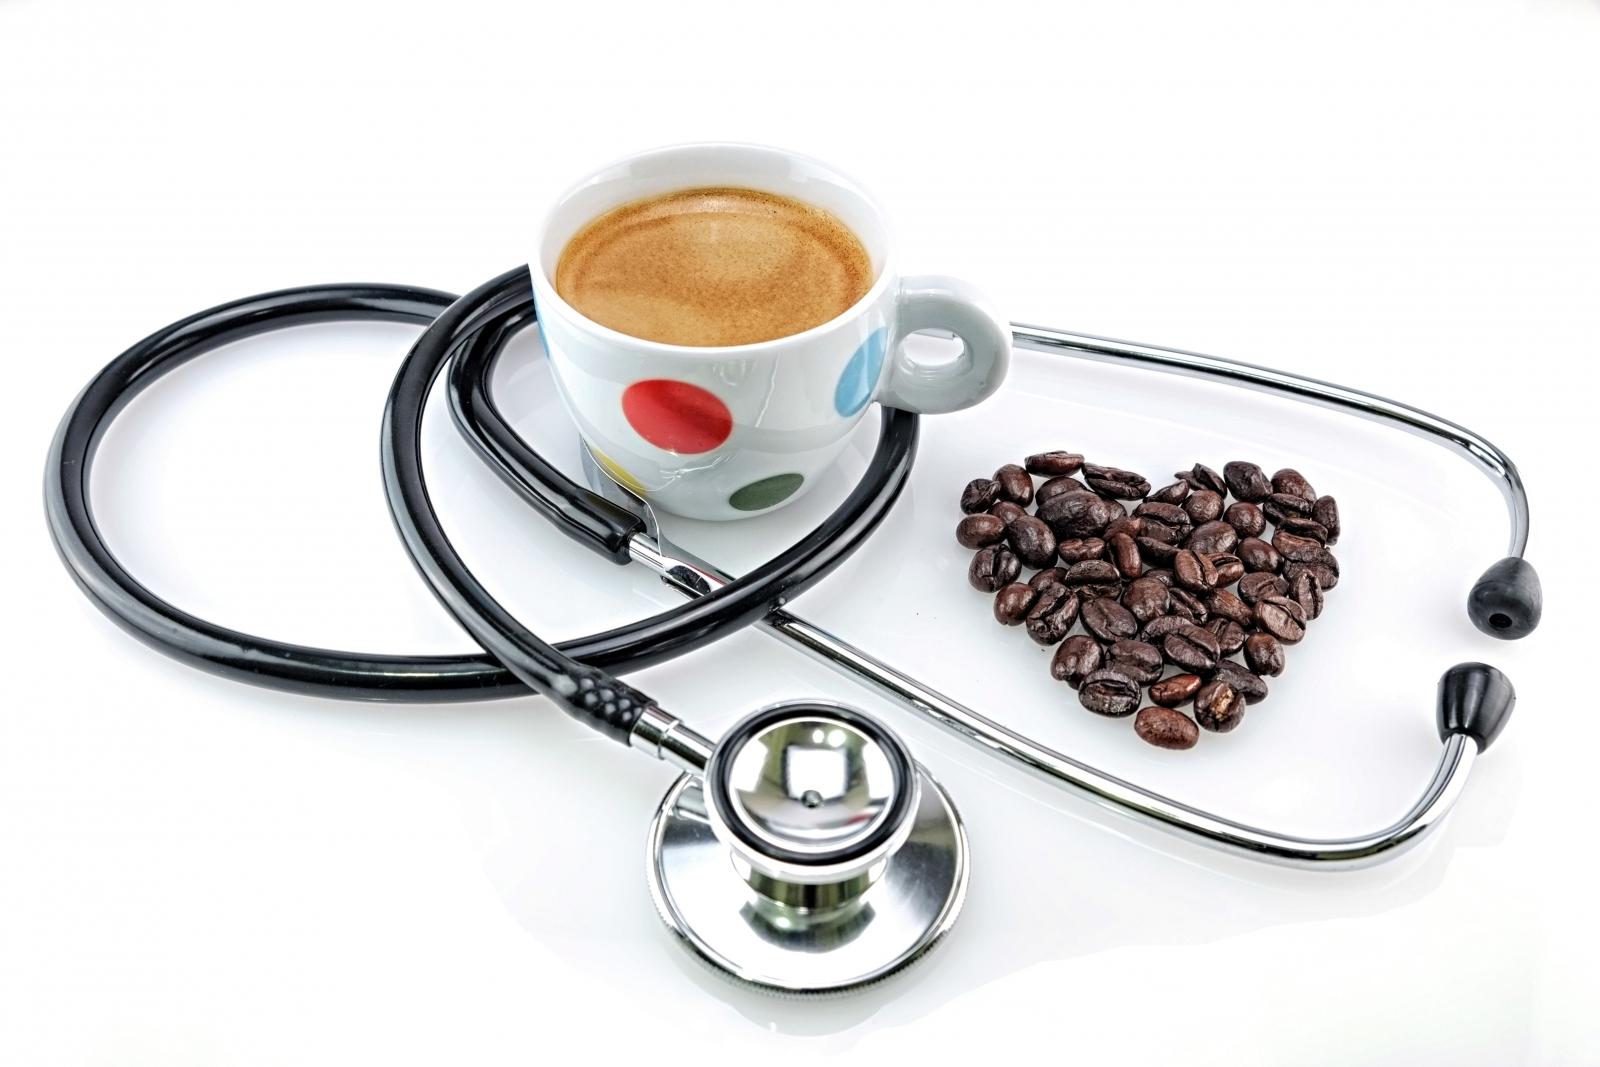 Как кофе может вилять на кофе? | сердечник может ли кофе негативно влиять на сердце? | сердечник